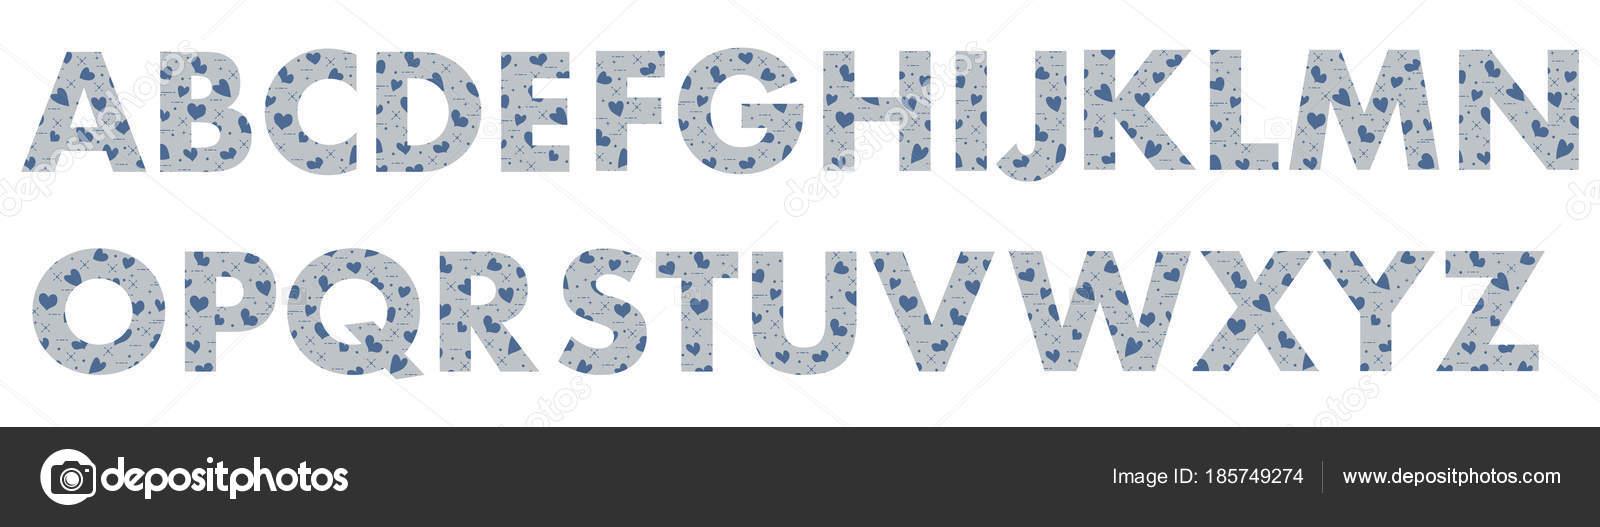 Lettres Majuscules De L'alphabet Anglais. — Image concernant Lettres Majuscules À Imprimer